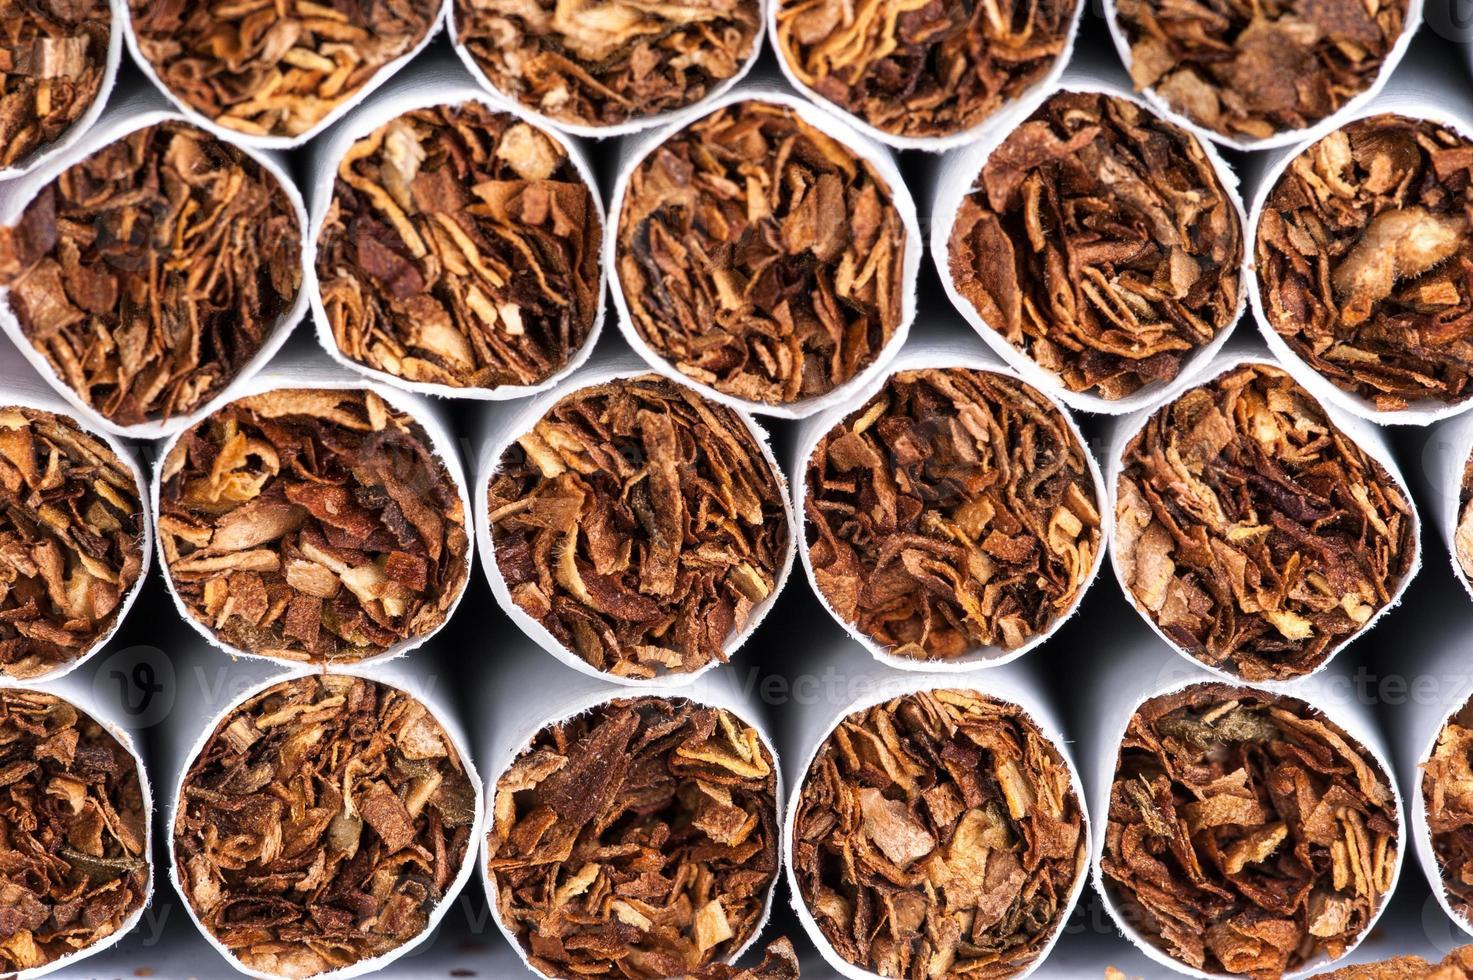 tabaco en cigarrillos foto